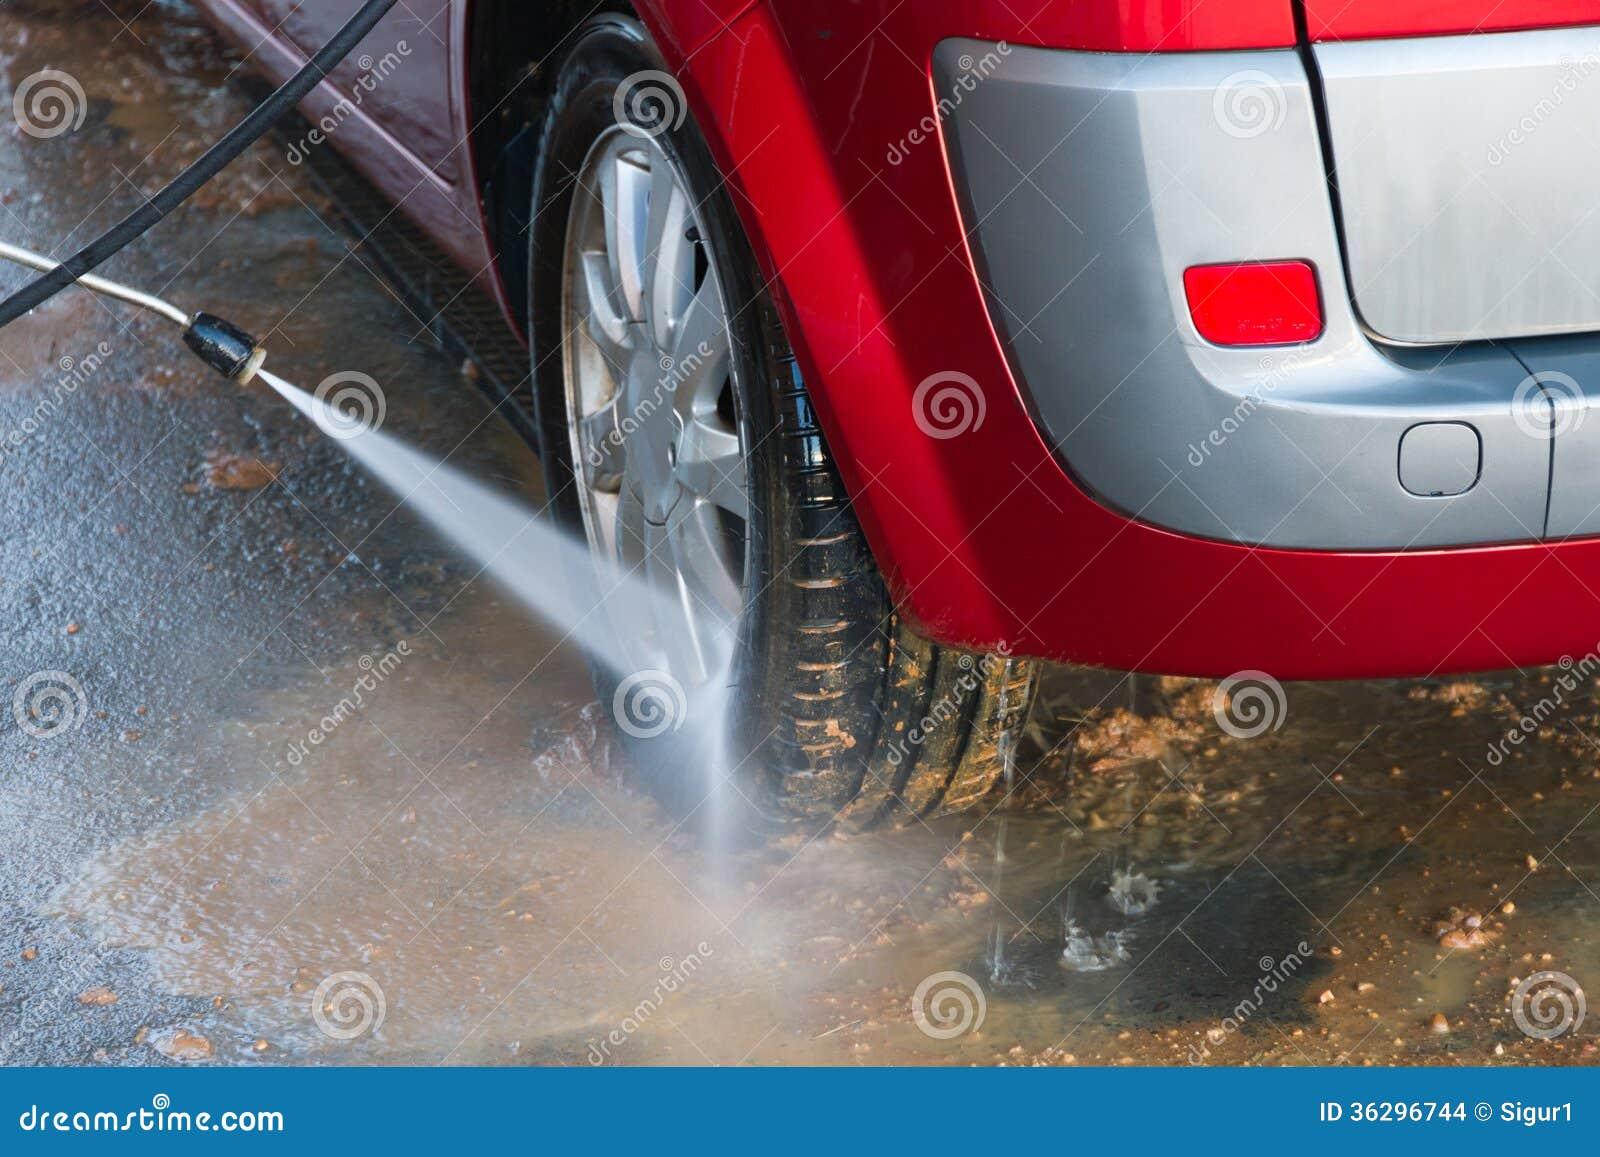 Splash Hand Car Wash Prices